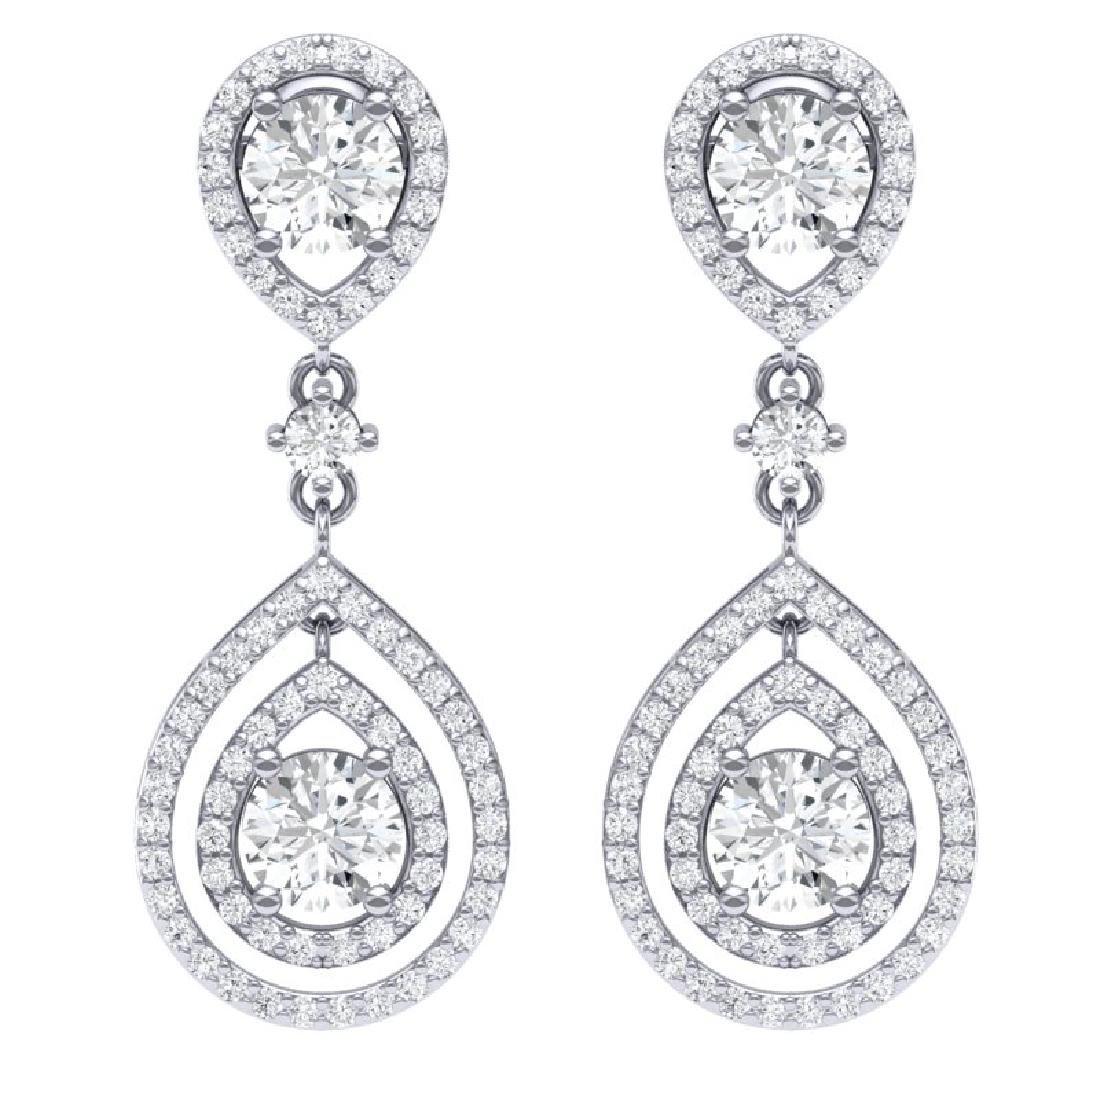 3.53 CTW Royalty Designer VS/SI Diamond Earrings 18K